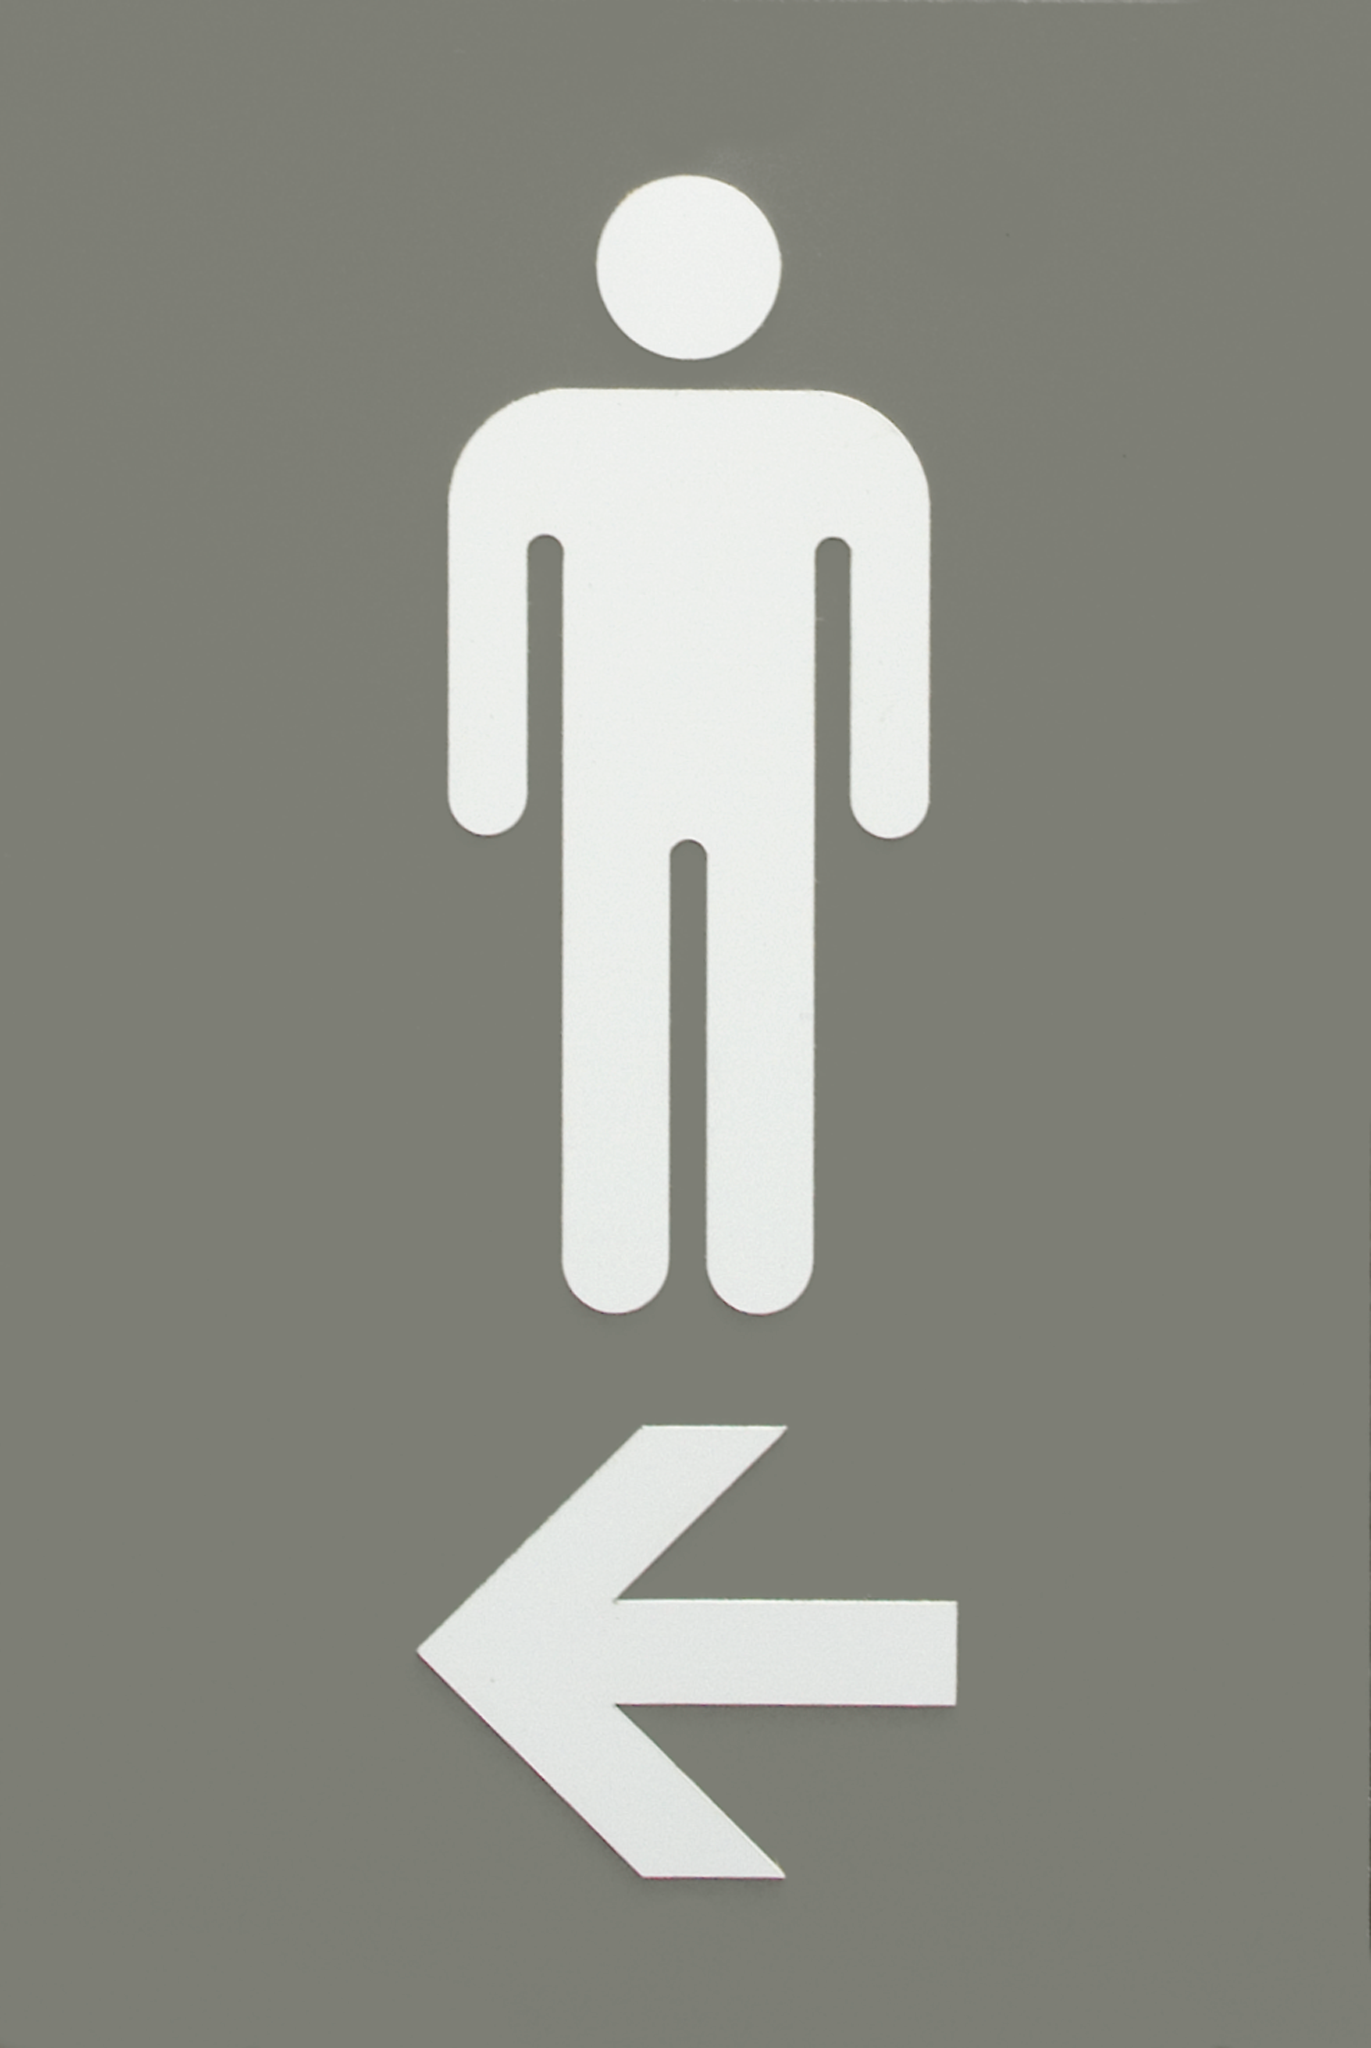 Mens Restroom Arrow.png